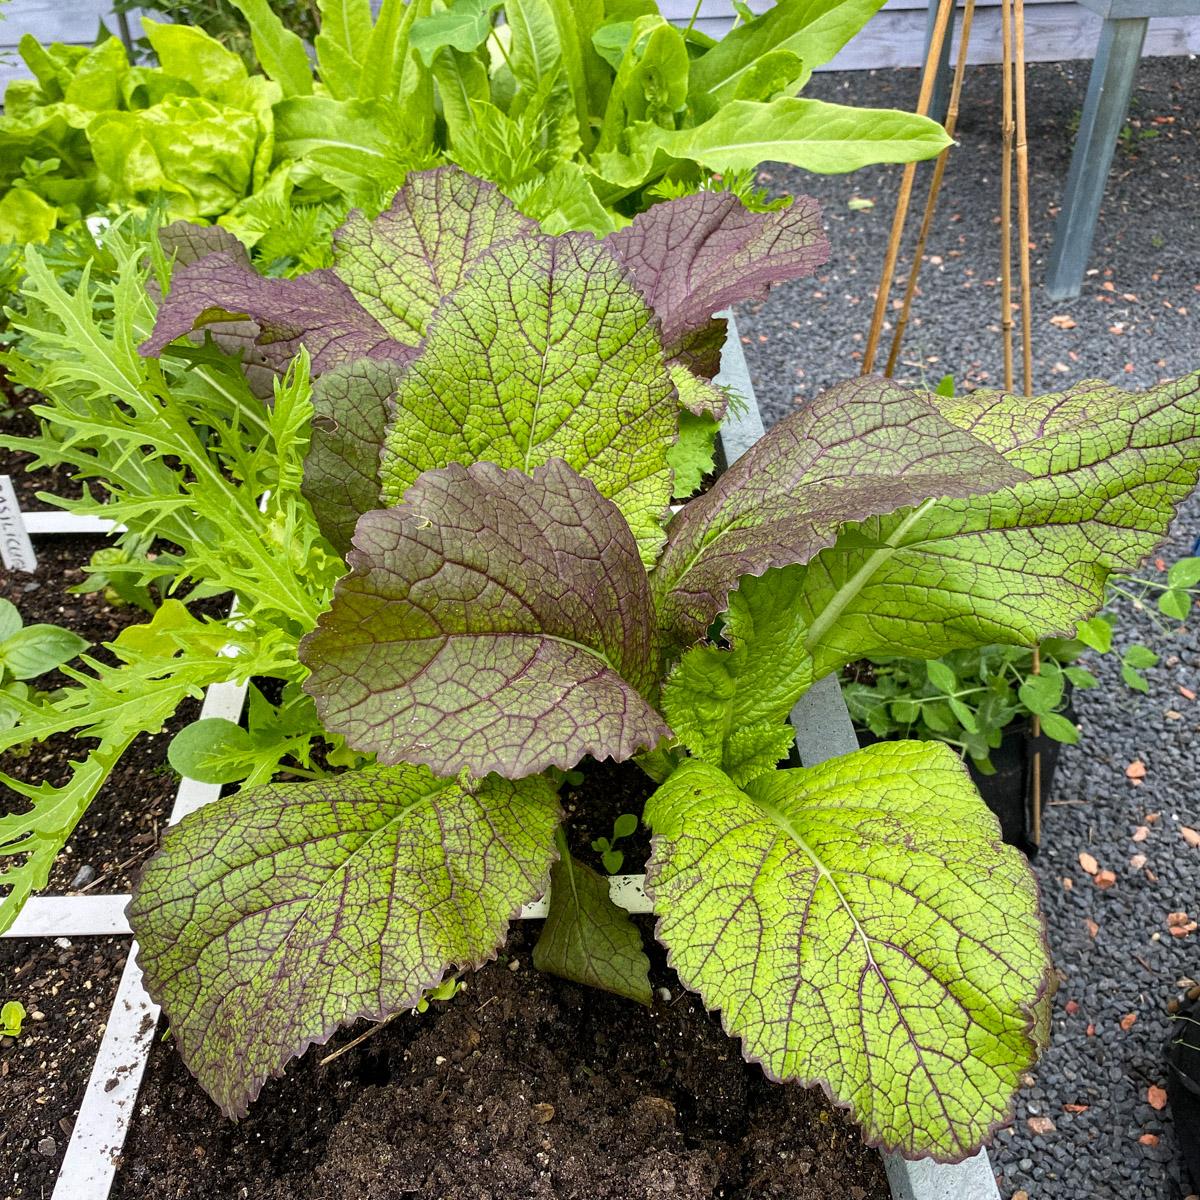 blog-1-sept-2021-tour-of-the-planty-garden2.jpg